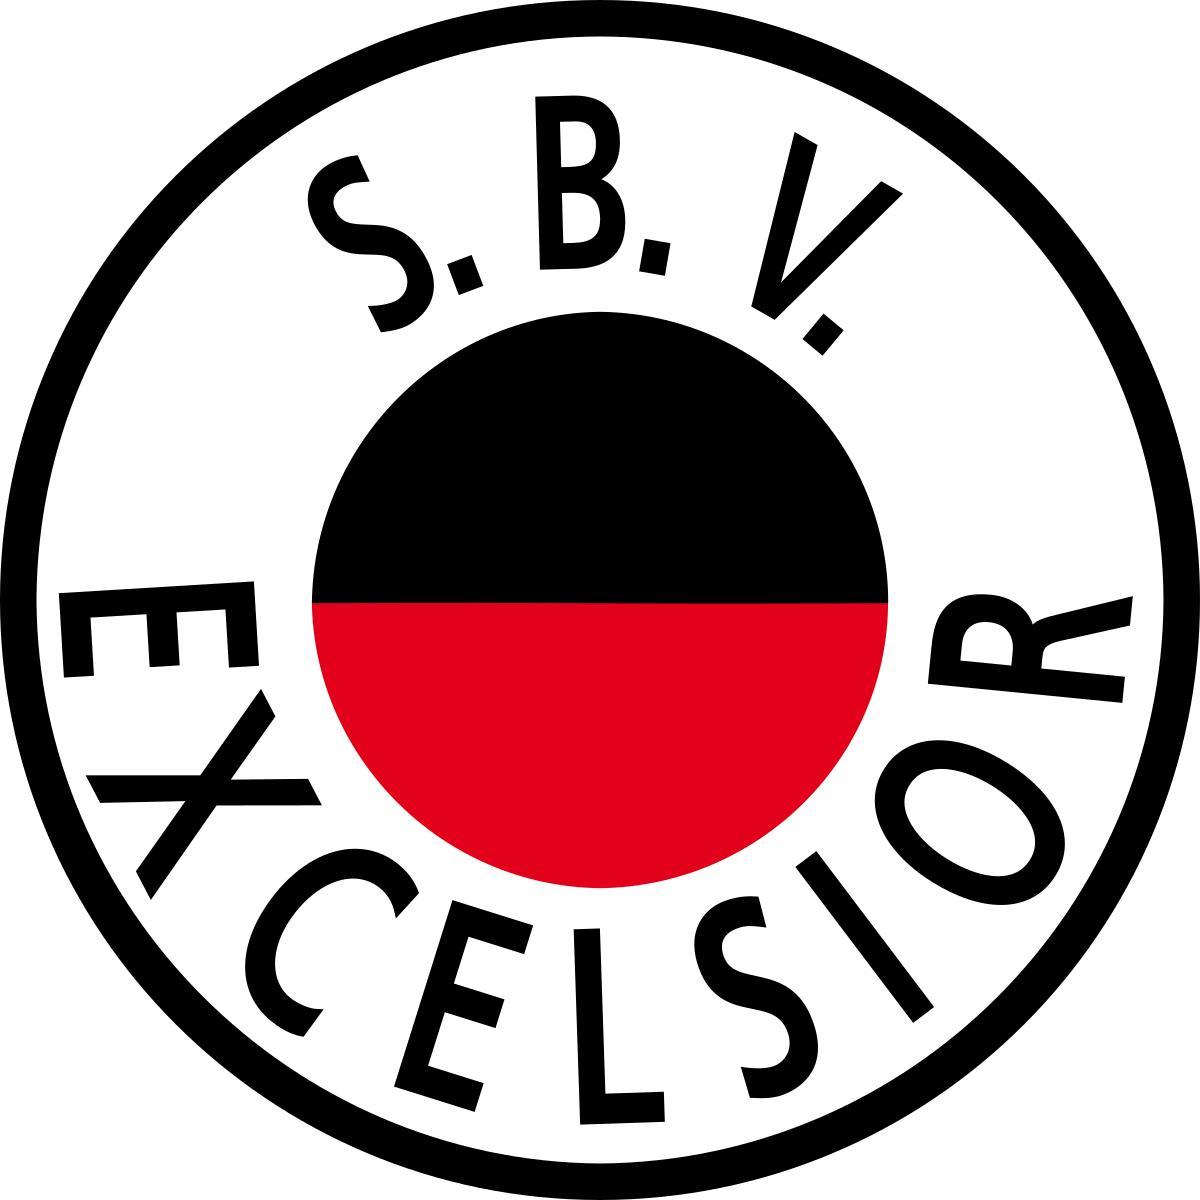 Jeugdspeler Luuk Bisschop vertrekt naar SBV Excelsior